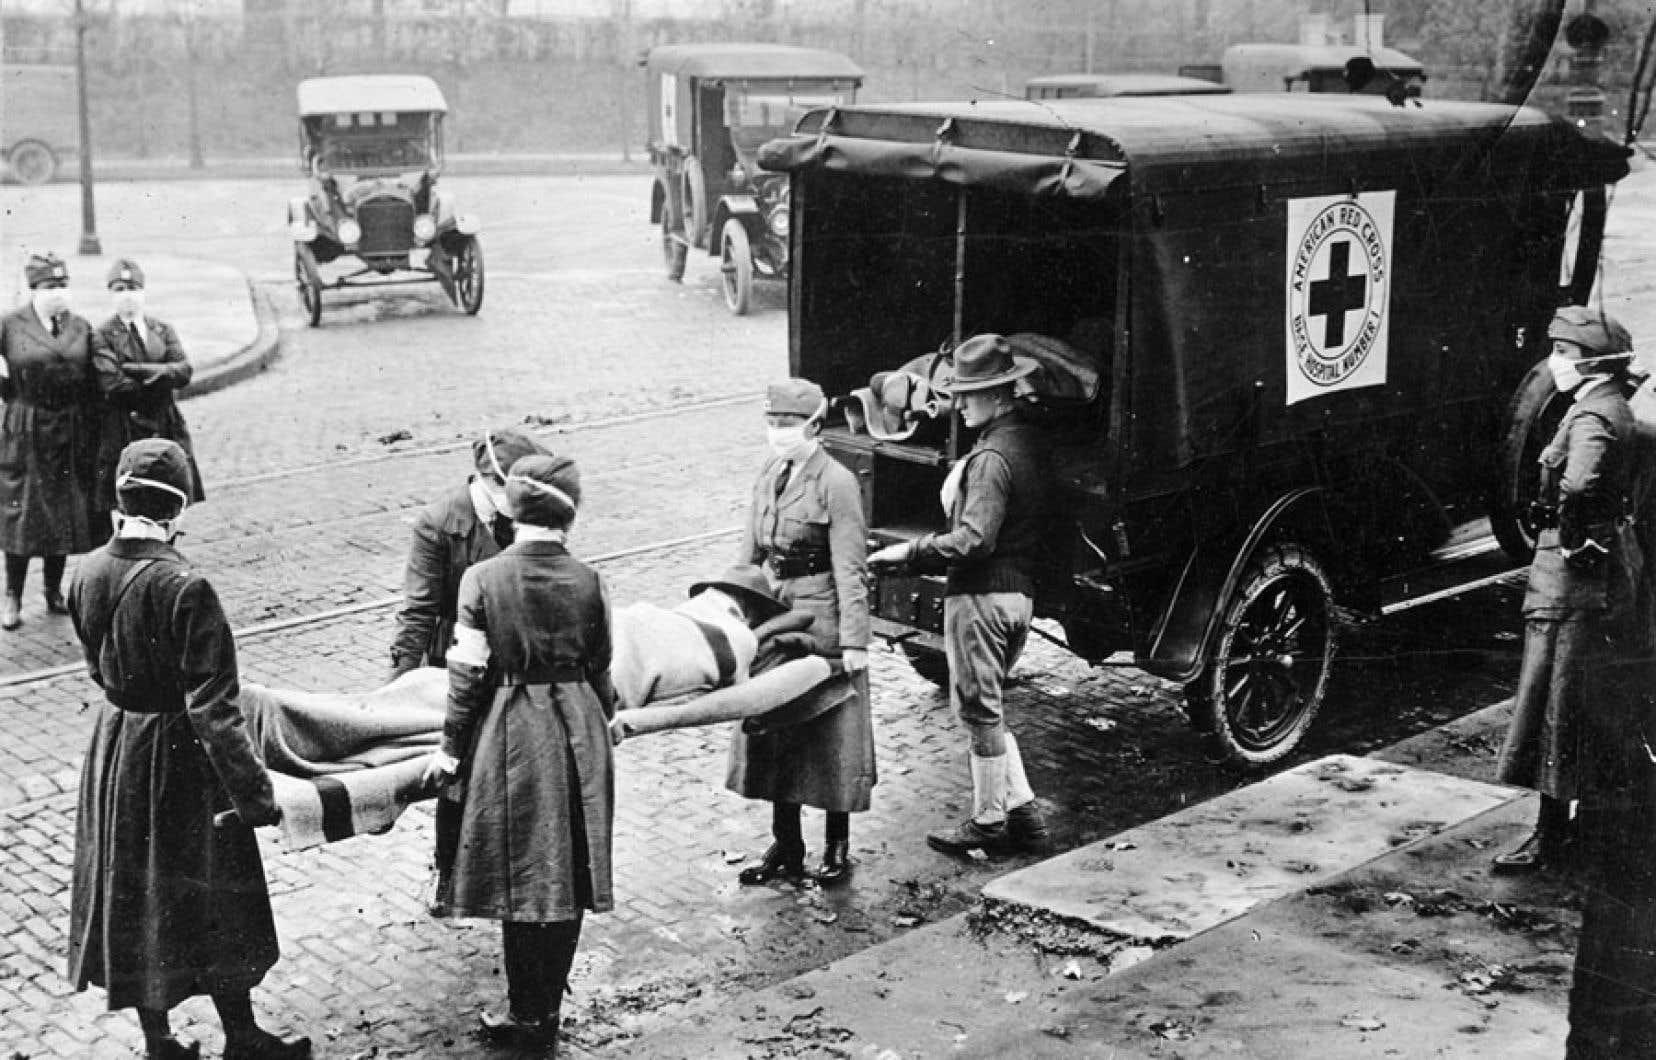 Les pertes humaines et économiques infligées par l'épidémie de grippe espagnole en 1918 ont été terribles dans certaines régions des États-Unis. Sur la photo, la Croix-Rouge américaine lors d'une intervention à Saint-Louis, en 1918.